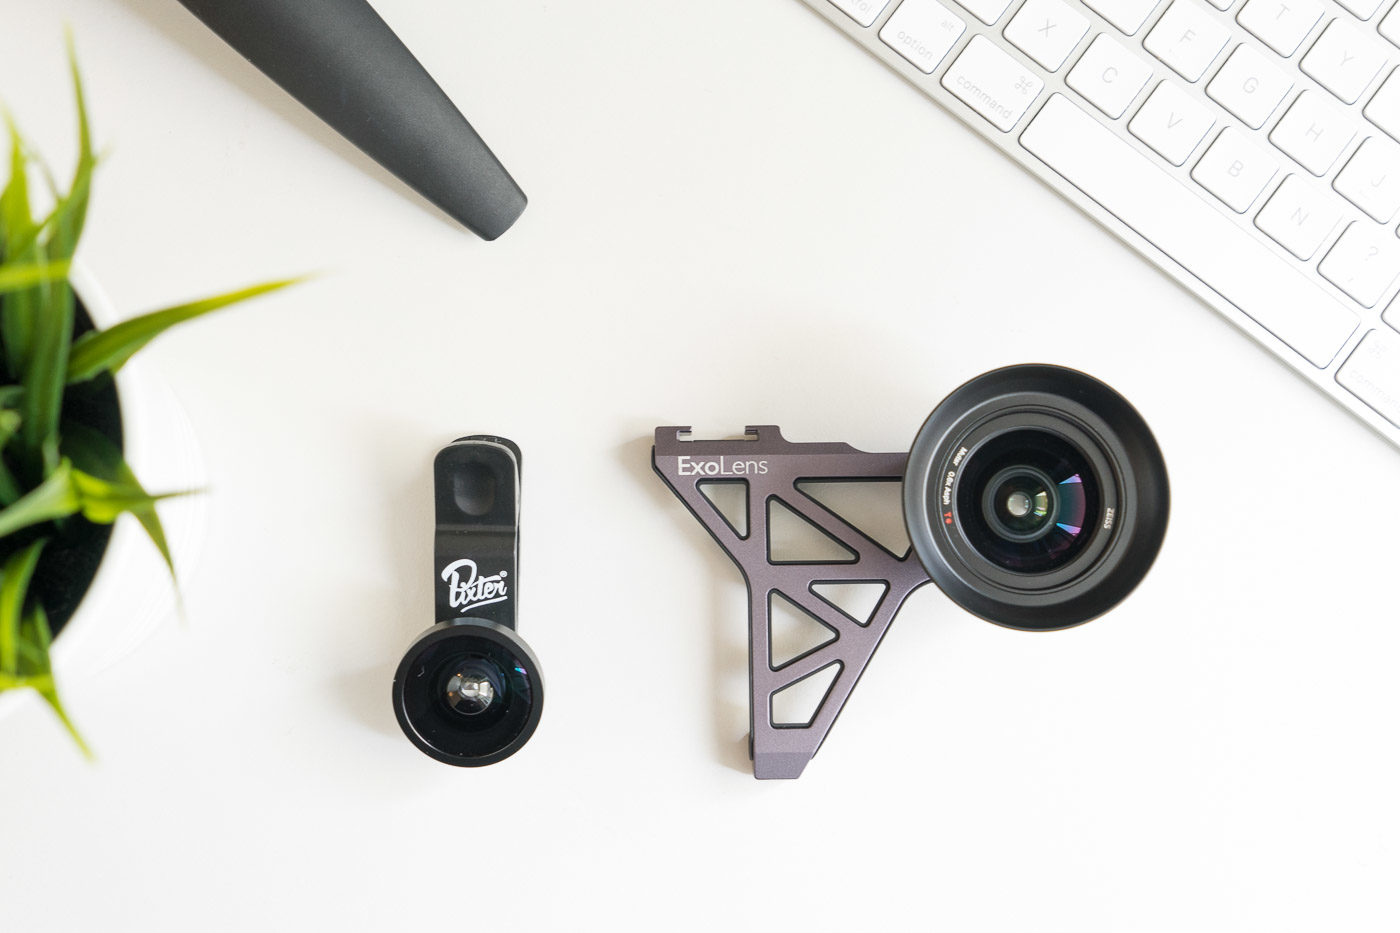 L'objectif Pixter clipsable à côté du ExoLens Zeiss Grand Angle